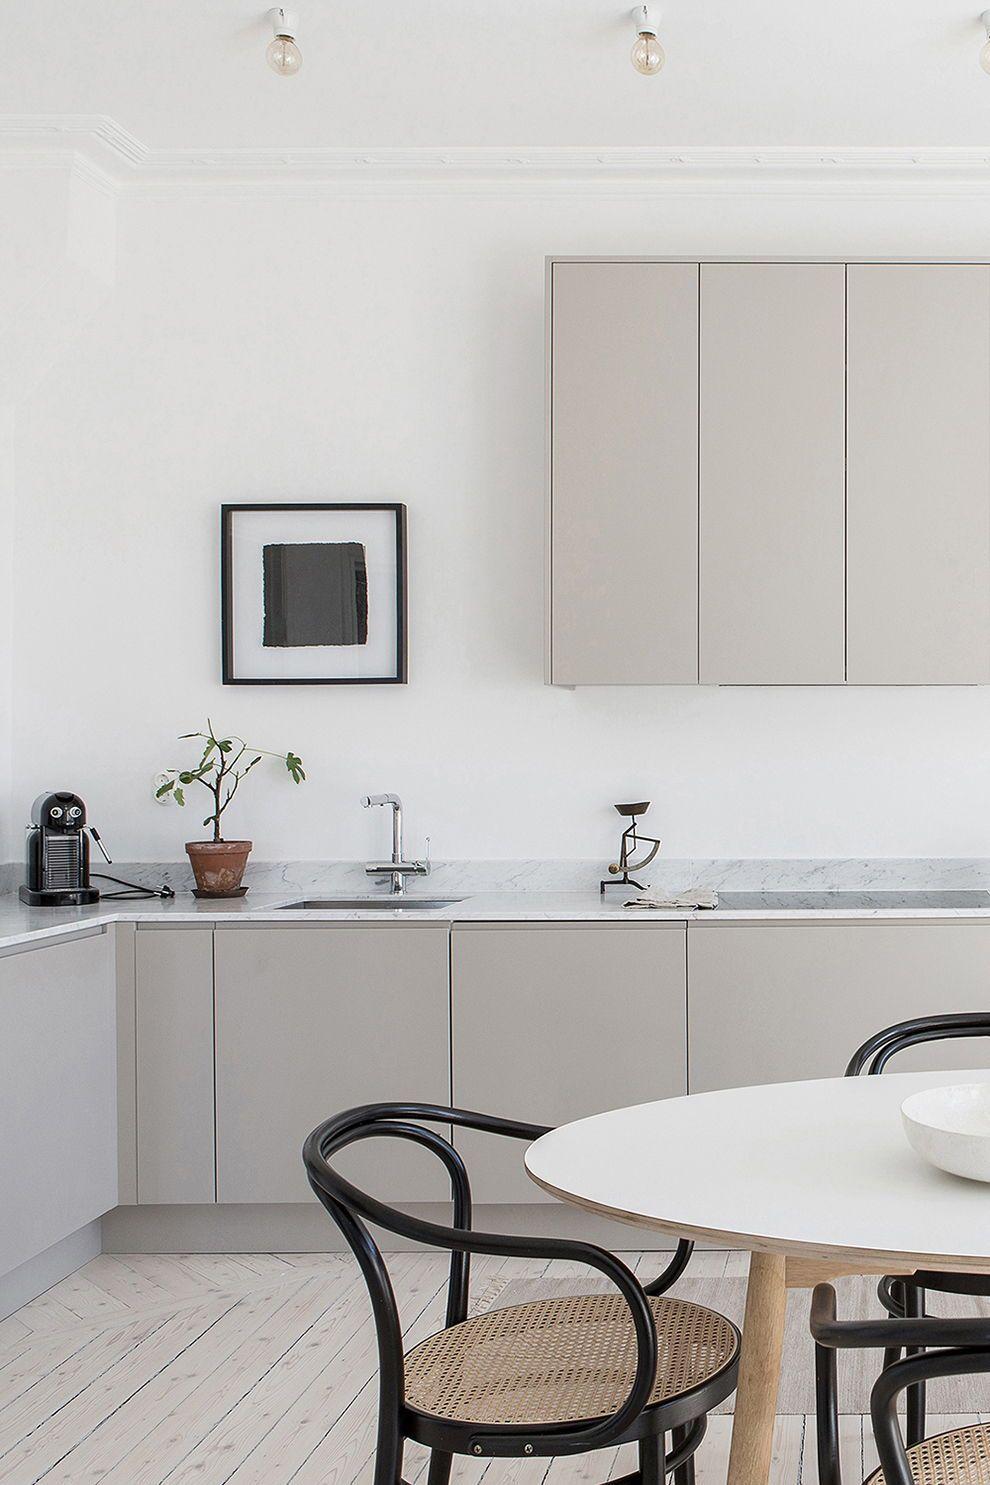 Modernt grått kök från Nordiska Kök med släta luckor. Måttanpassat och målat i en ljusgrå färg, designat och platsbyggt av oss i Göteborg. Bänkskiva i matt vit marmor. Se den senasteköks inspirationen, köksdesign, tillval och bänkskivor på www.nordiskakok.se #köksdesign #köksinspo #kök #platsbyggt #byggakök #kitcheninspo #kitchen #grått #modern #kitcheninspiration #marmor #home #interior #interiör #interiør #marble #bänkskiva #countertop #grey #greykitchendesigns